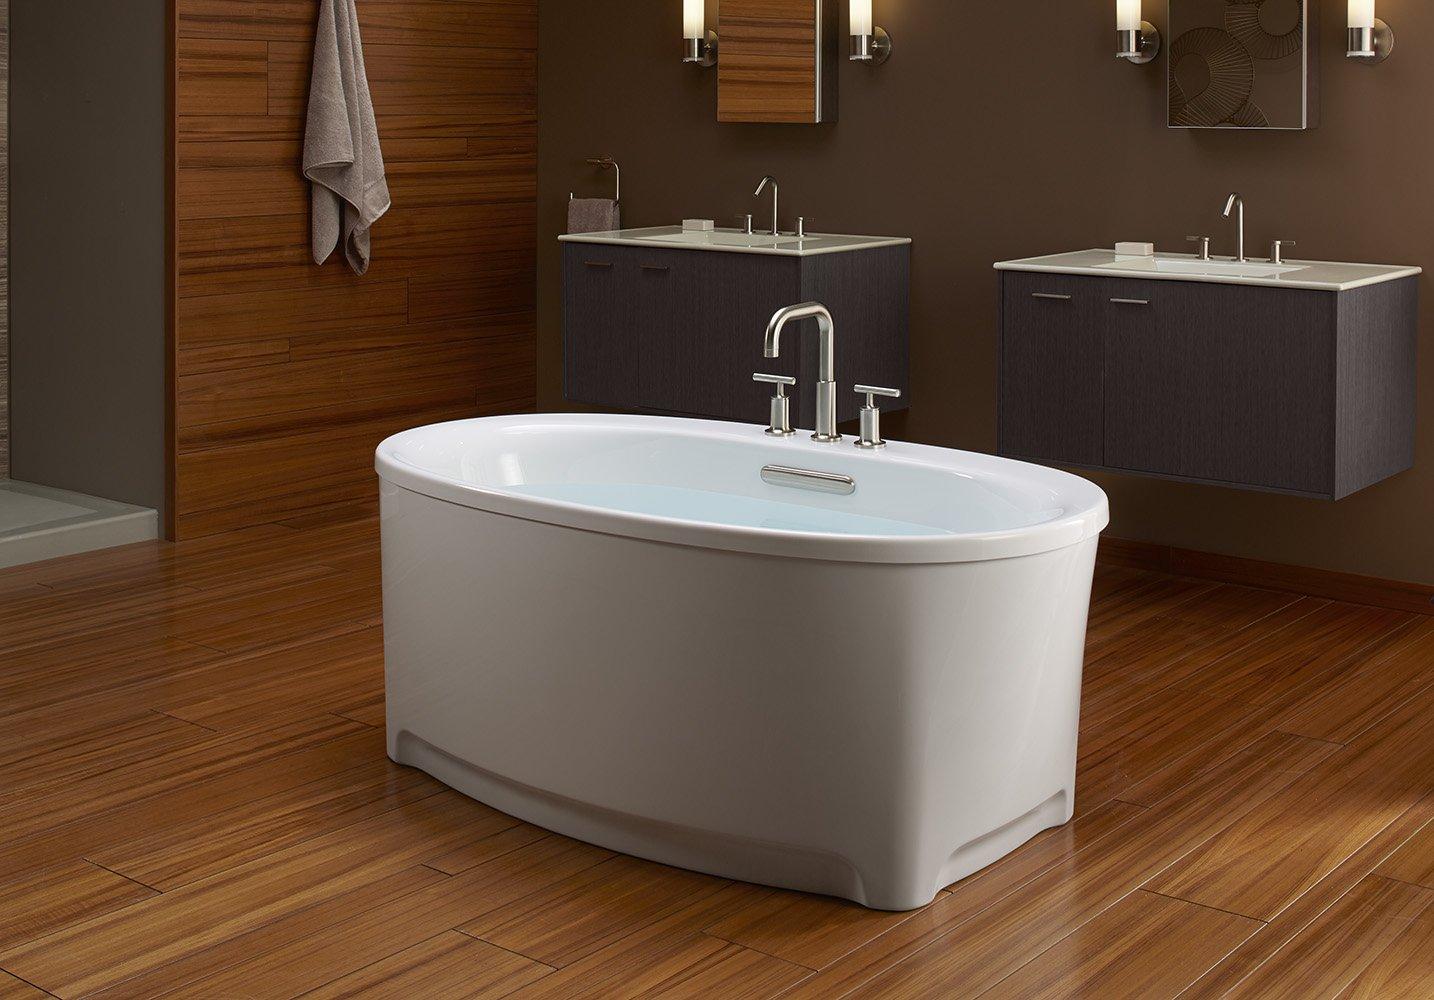 KOHLER K-5701-0 Underscore Oval Freestanding Bath with Center Drain ...